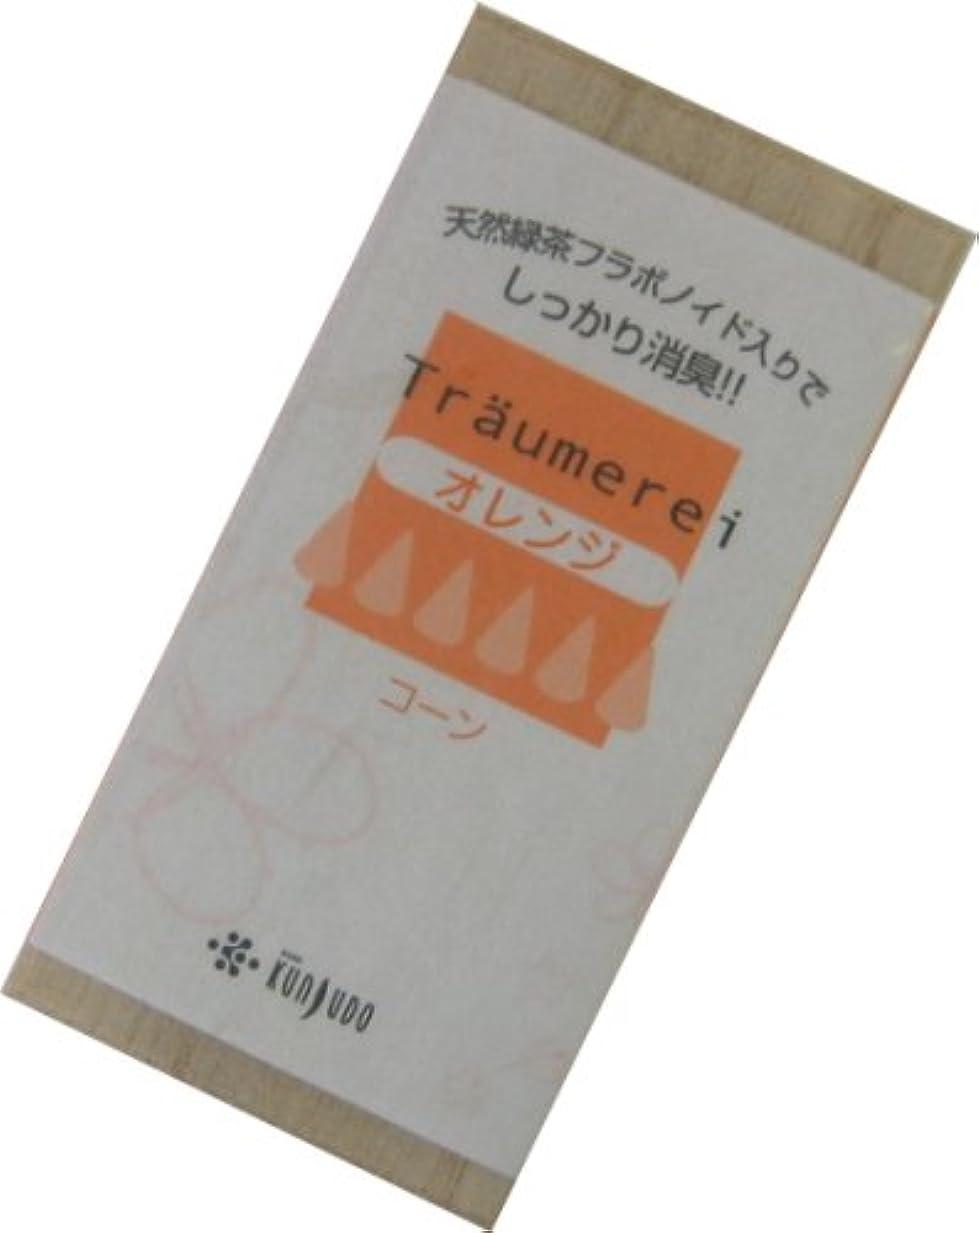 トロイメライ 桐箱 コーン オレンジ